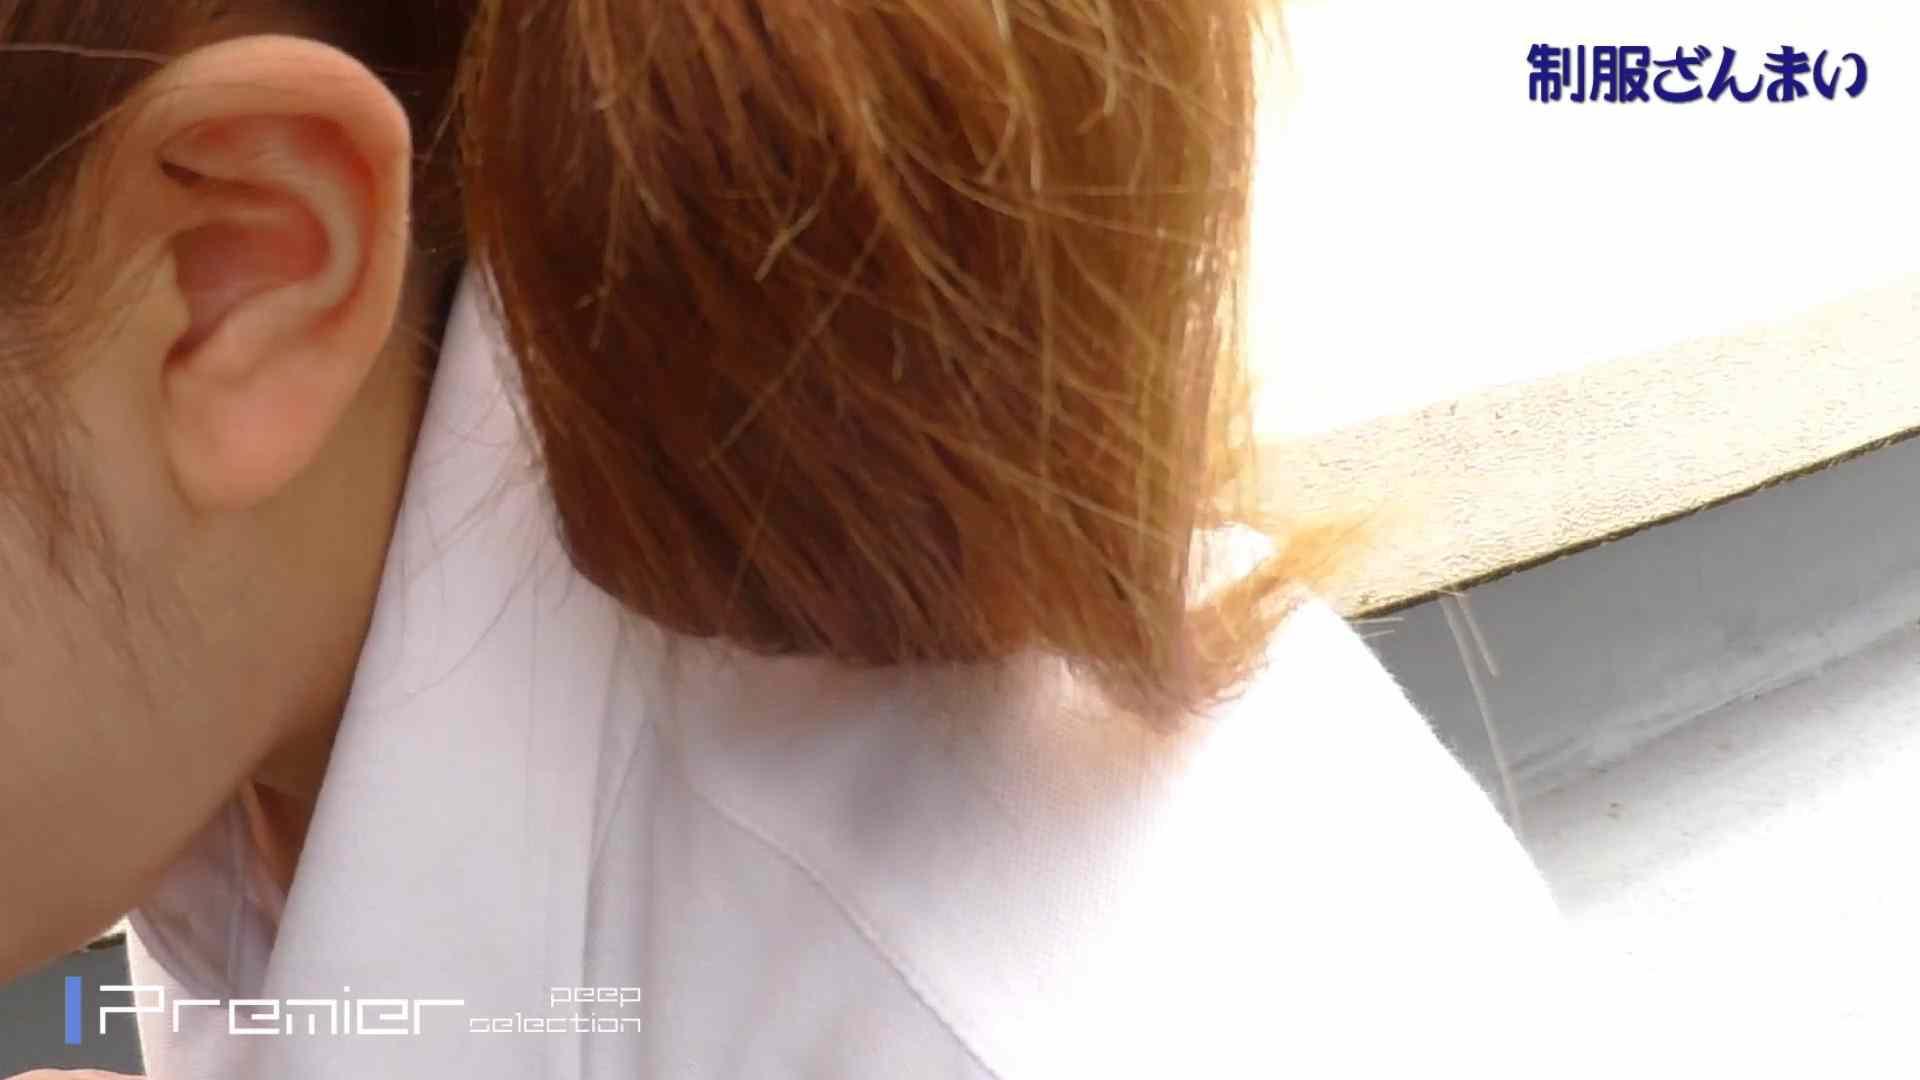 パンツを売る女 Vol.23制月反女子変態ざんまい前編 高画質動画 アダルト動画キャプチャ 86画像 85